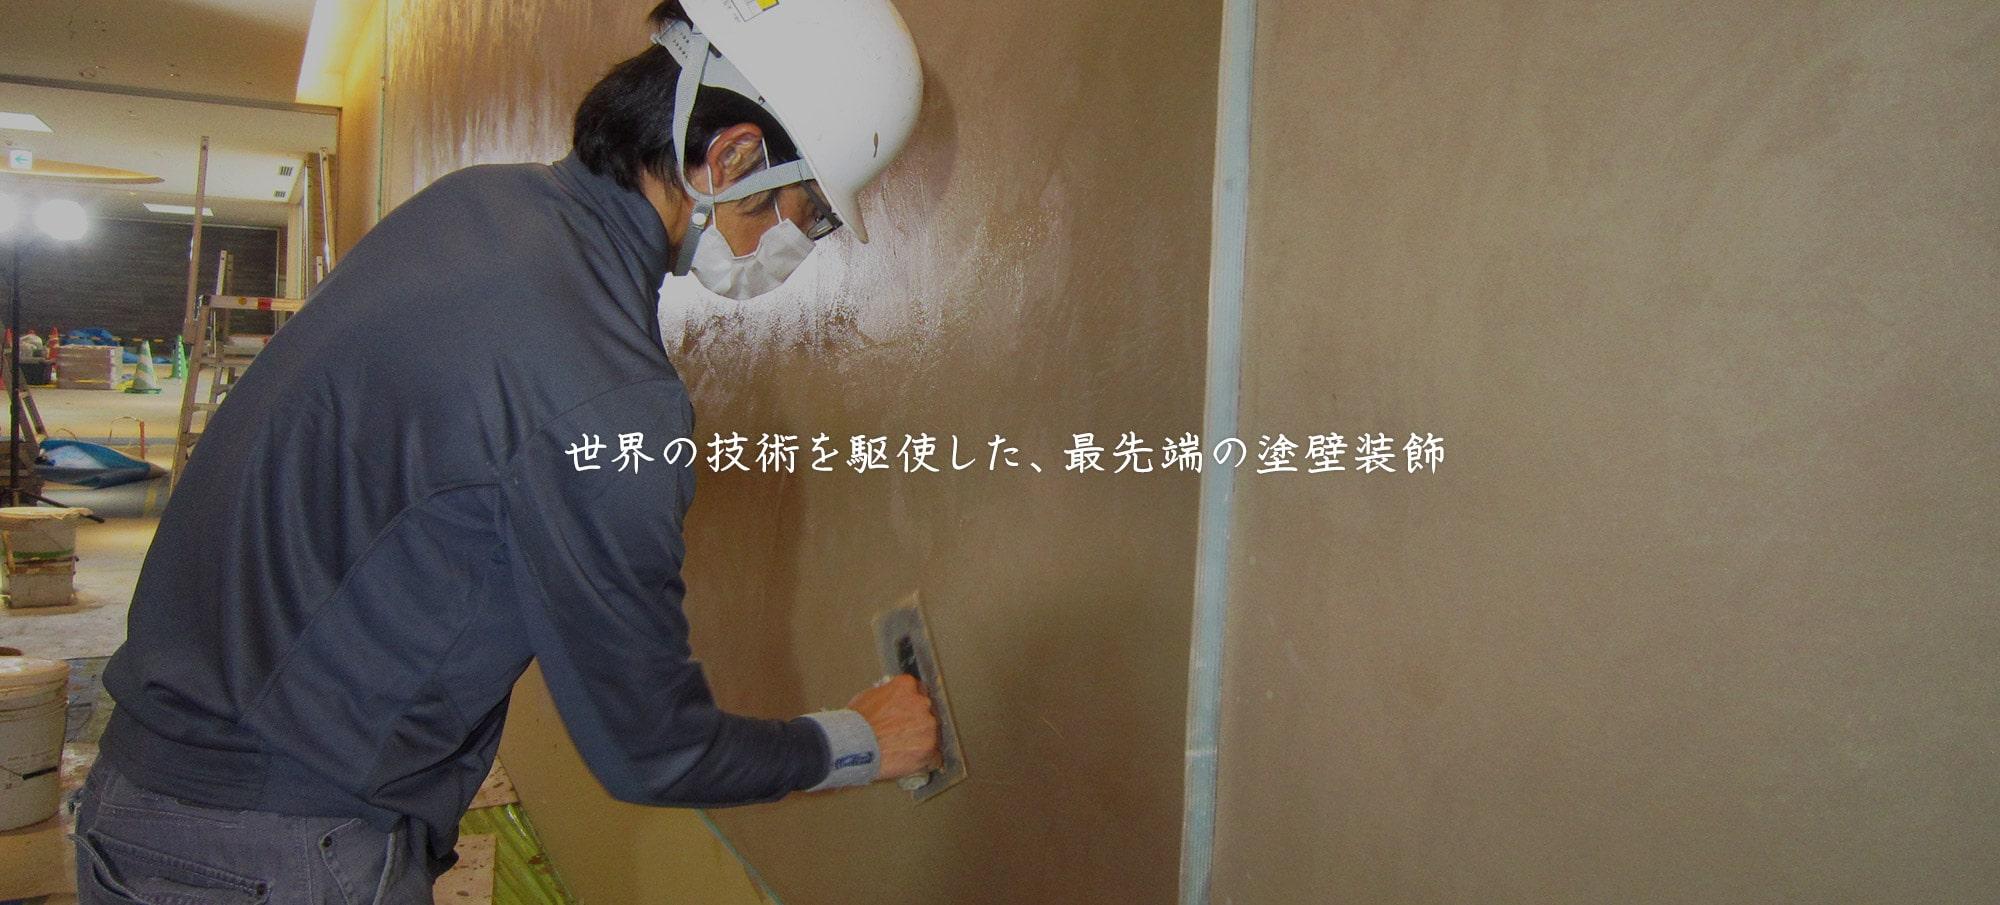 世界の技術を駆使した、最先端の塗壁装飾